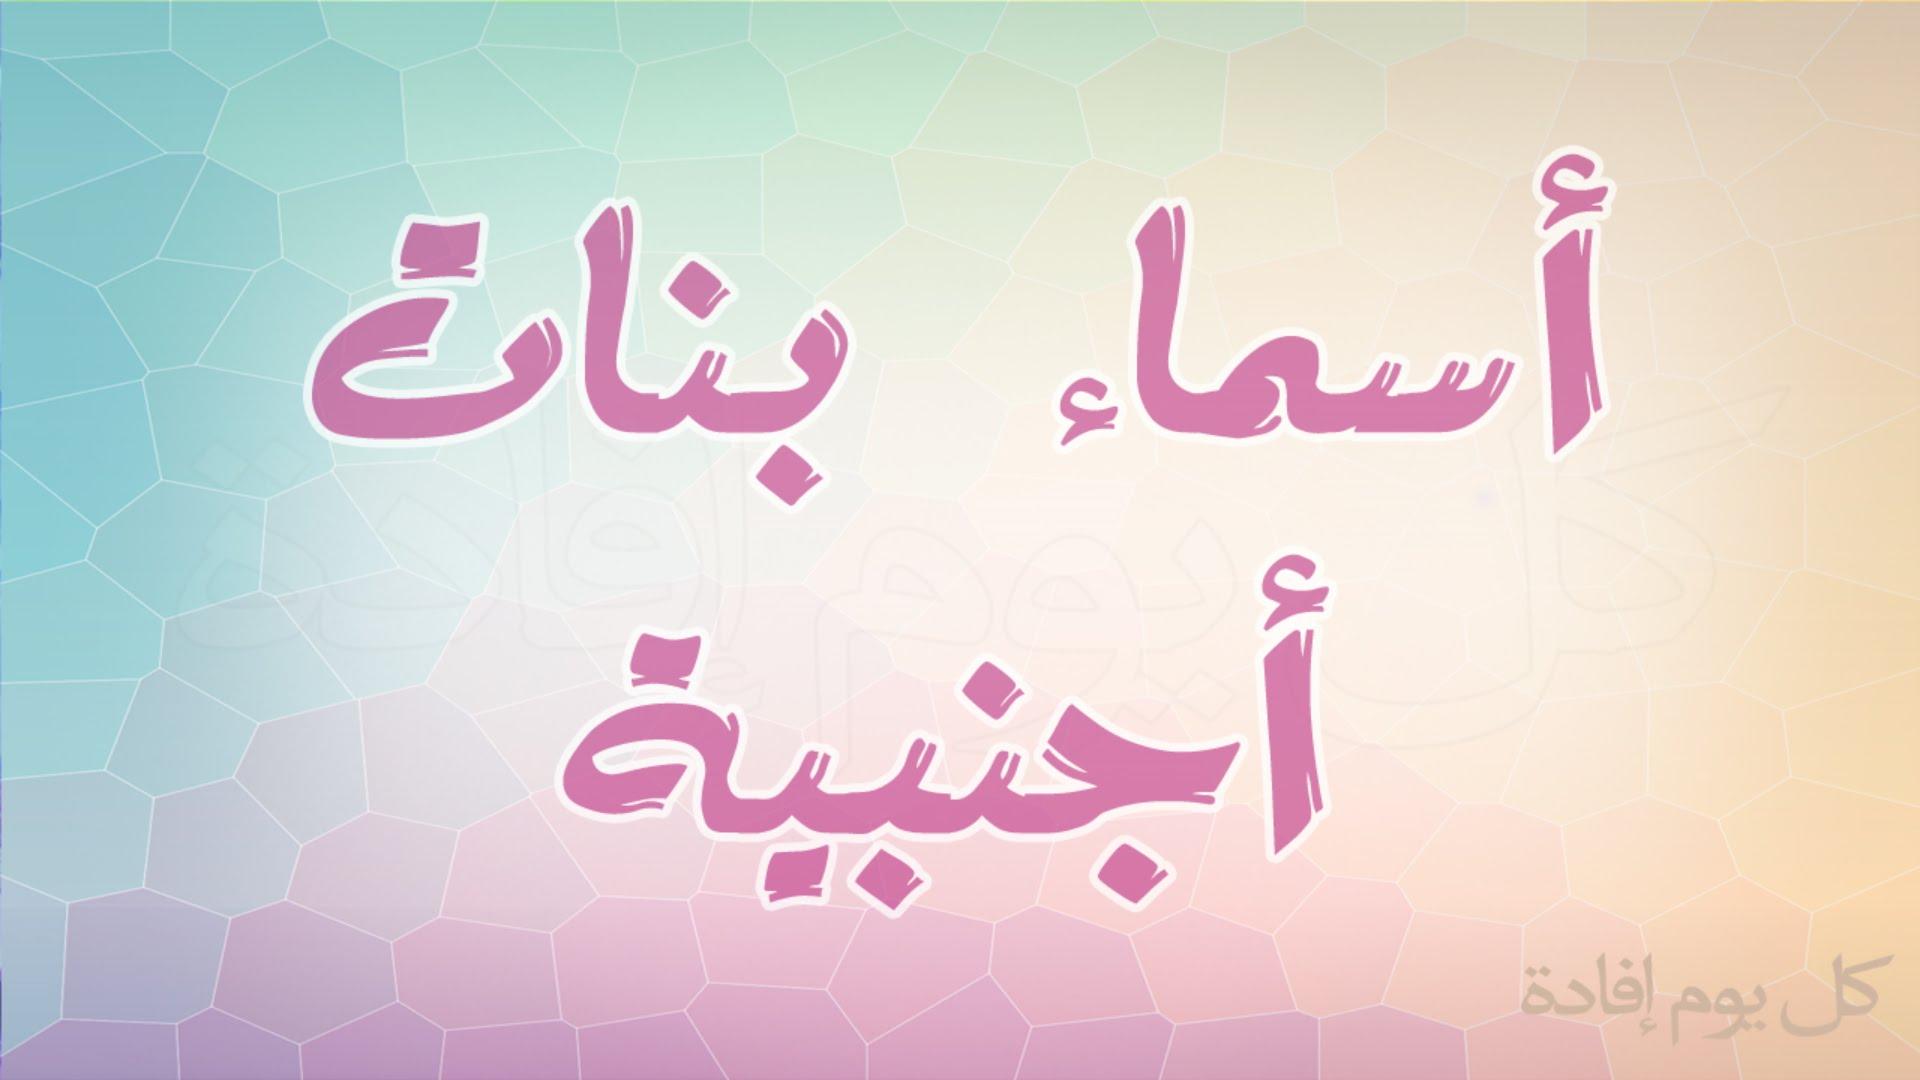 صورة اسماء مشهورة بالانجليزي , اجمل الاسامى الرائعه